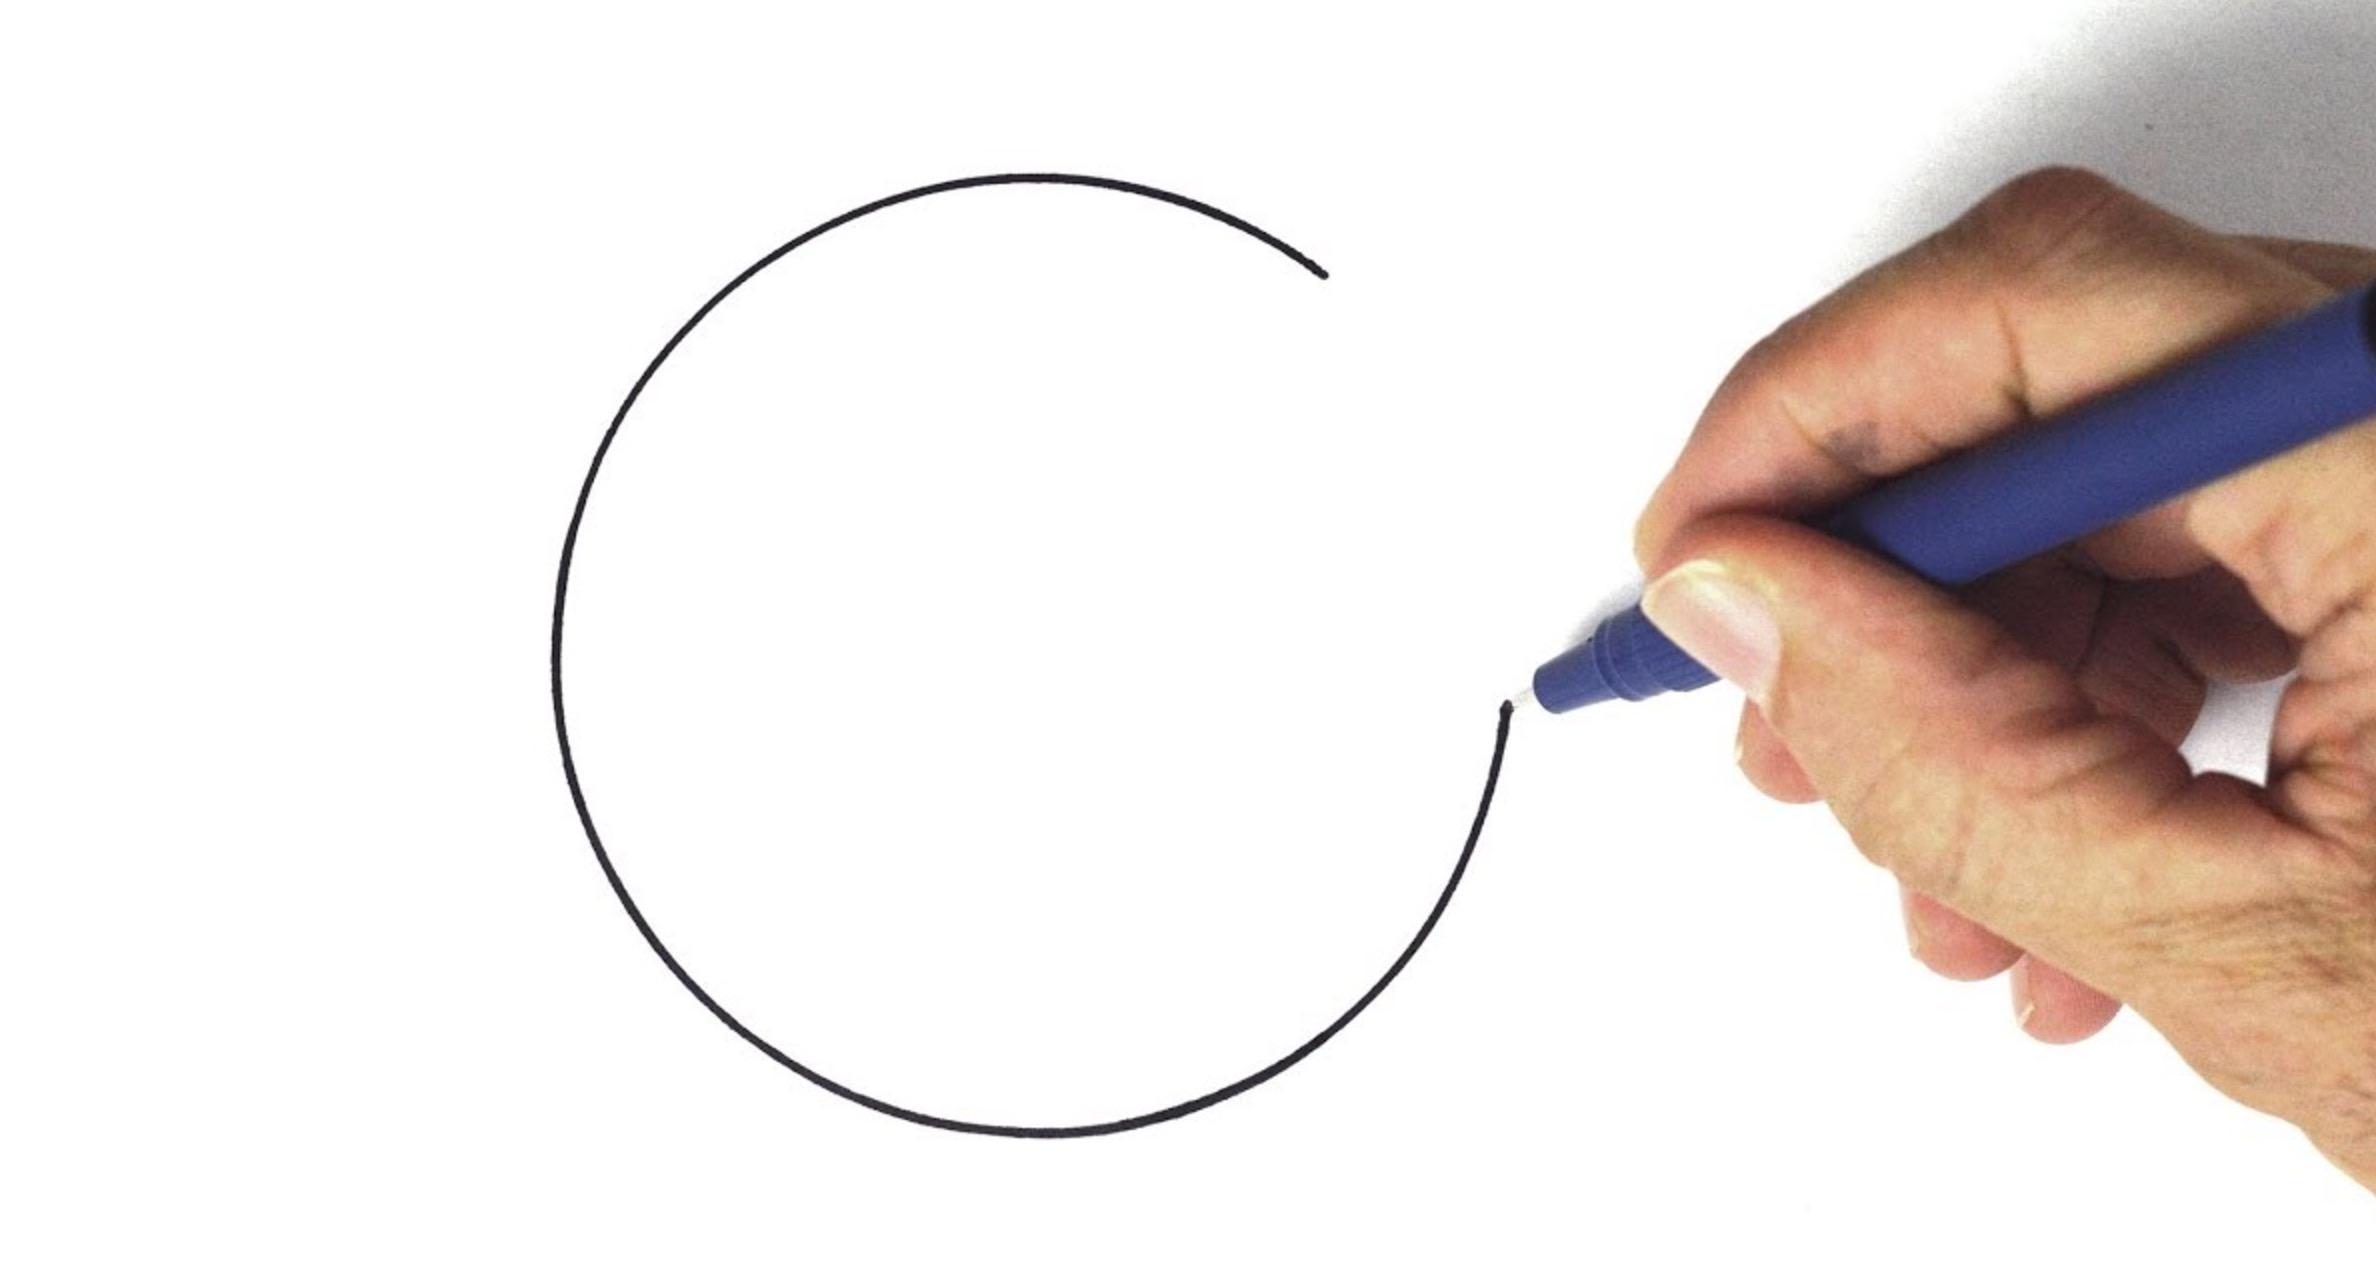 紙と鉛筆だけでほぼ完璧な「円」を描く方法がスゴい!